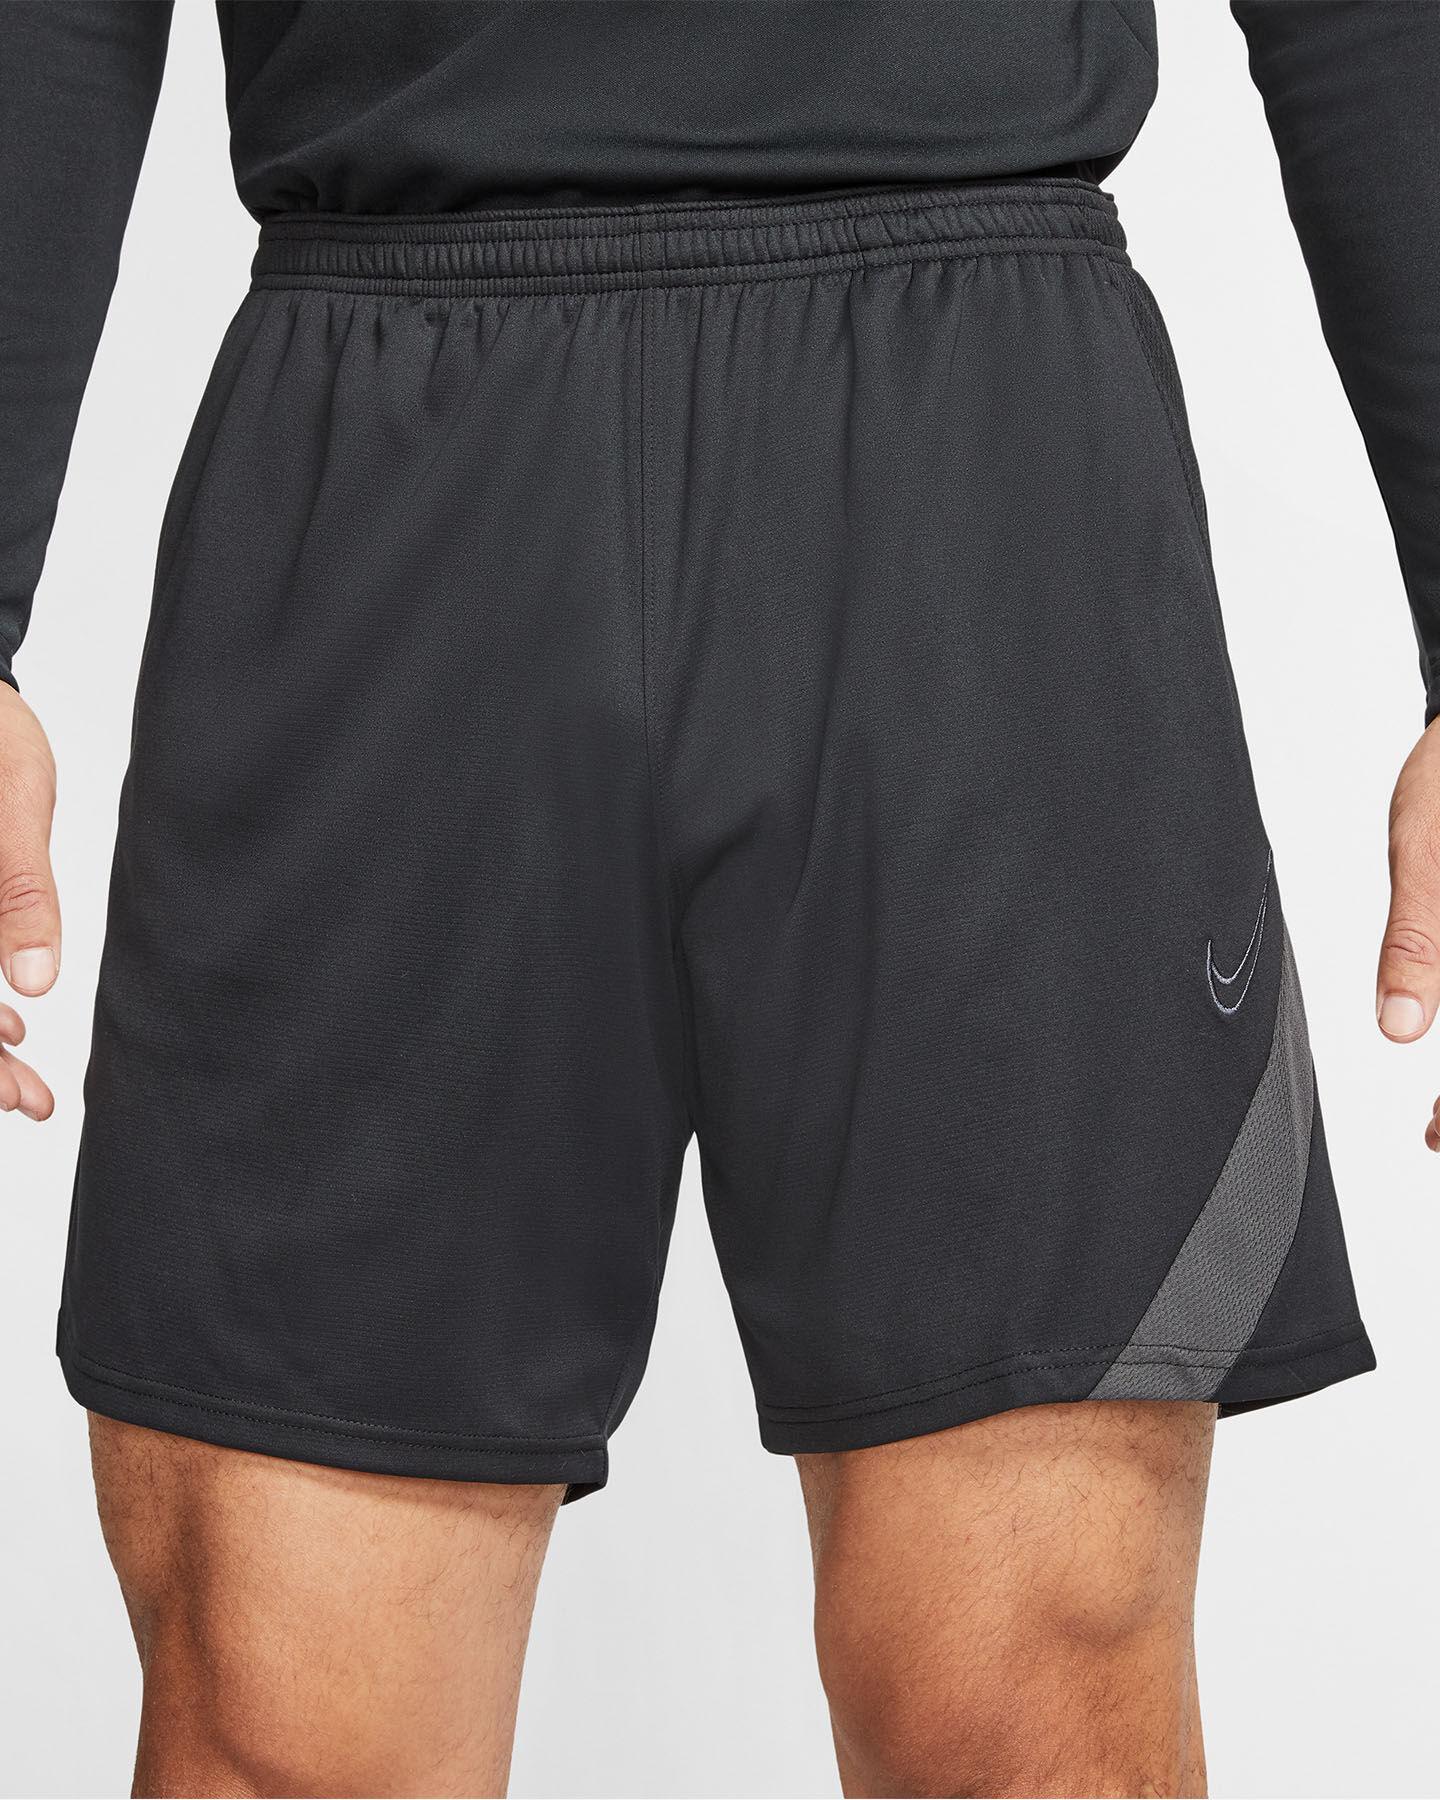 Pantaloncini calcio NIKE DRI-FIT ACADEMY M S5163436 scatto 3